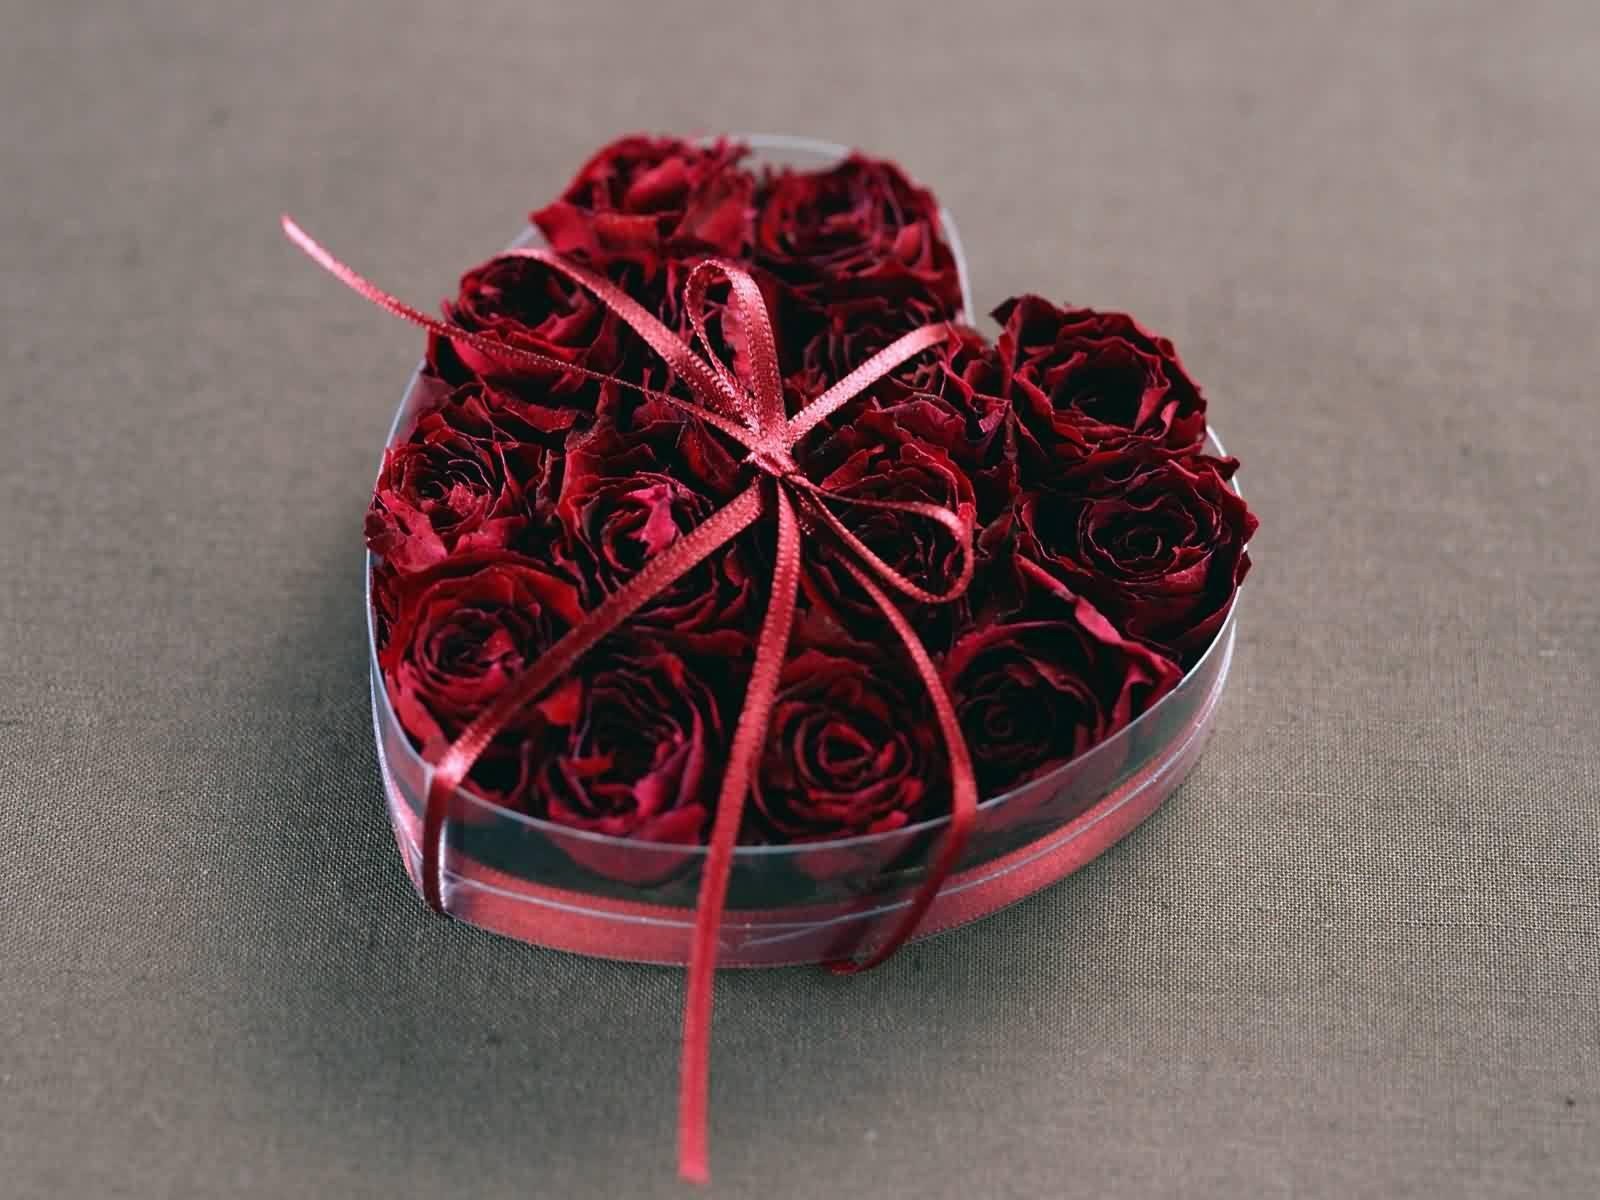 Цветы в форме сердца картинки, обои на рабочий стол широкоформатный.